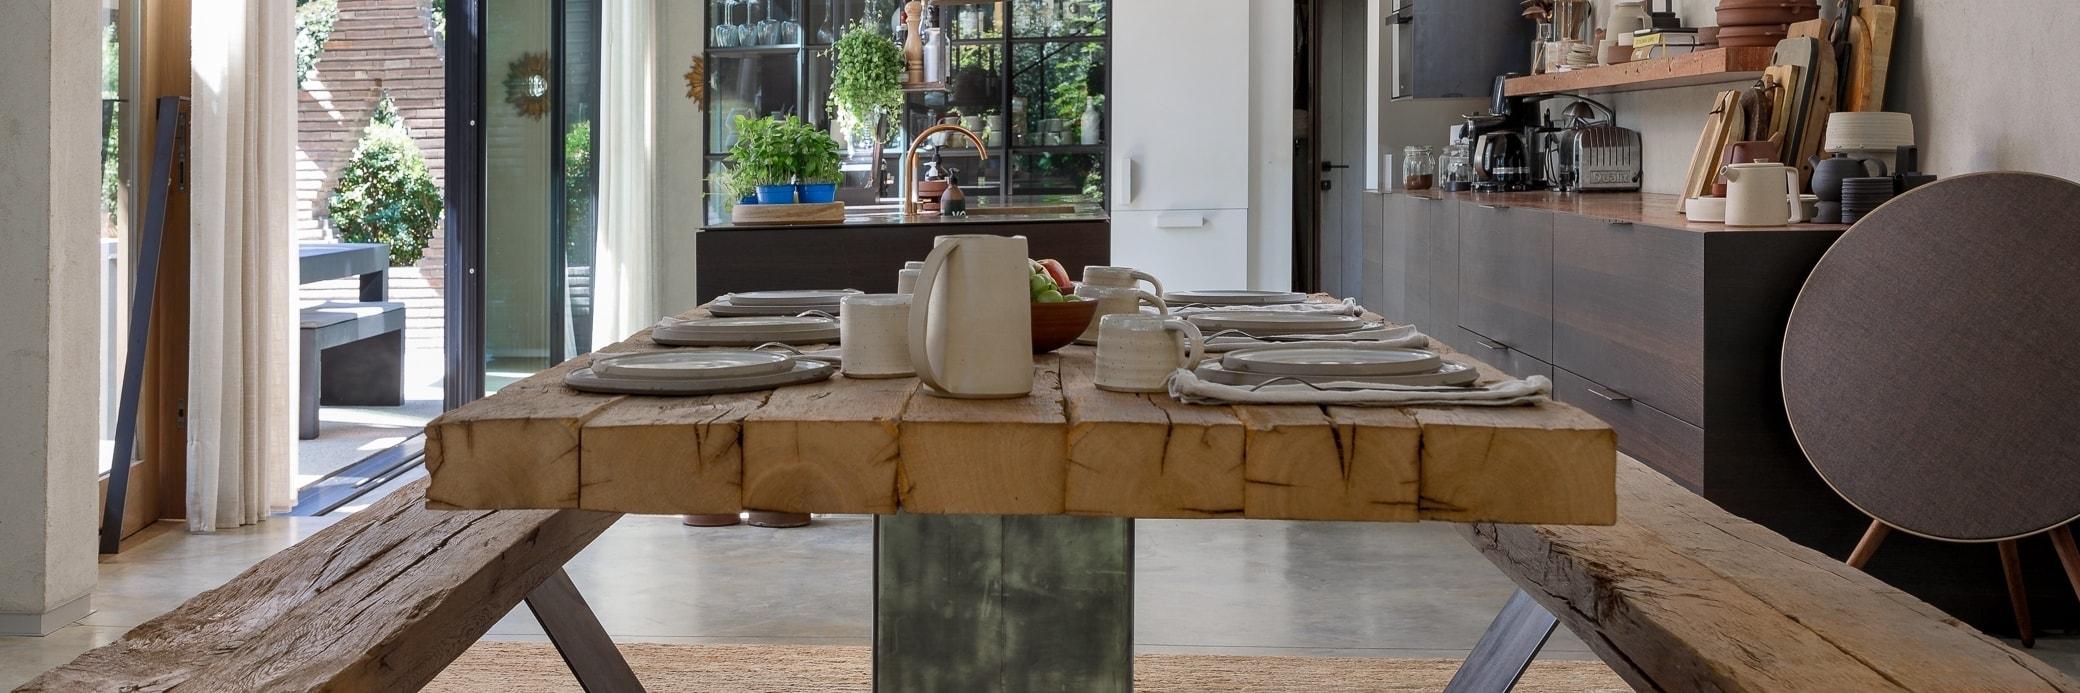 Rustic & Reclaimed Oak Dining Table   Made in France   Oakâme